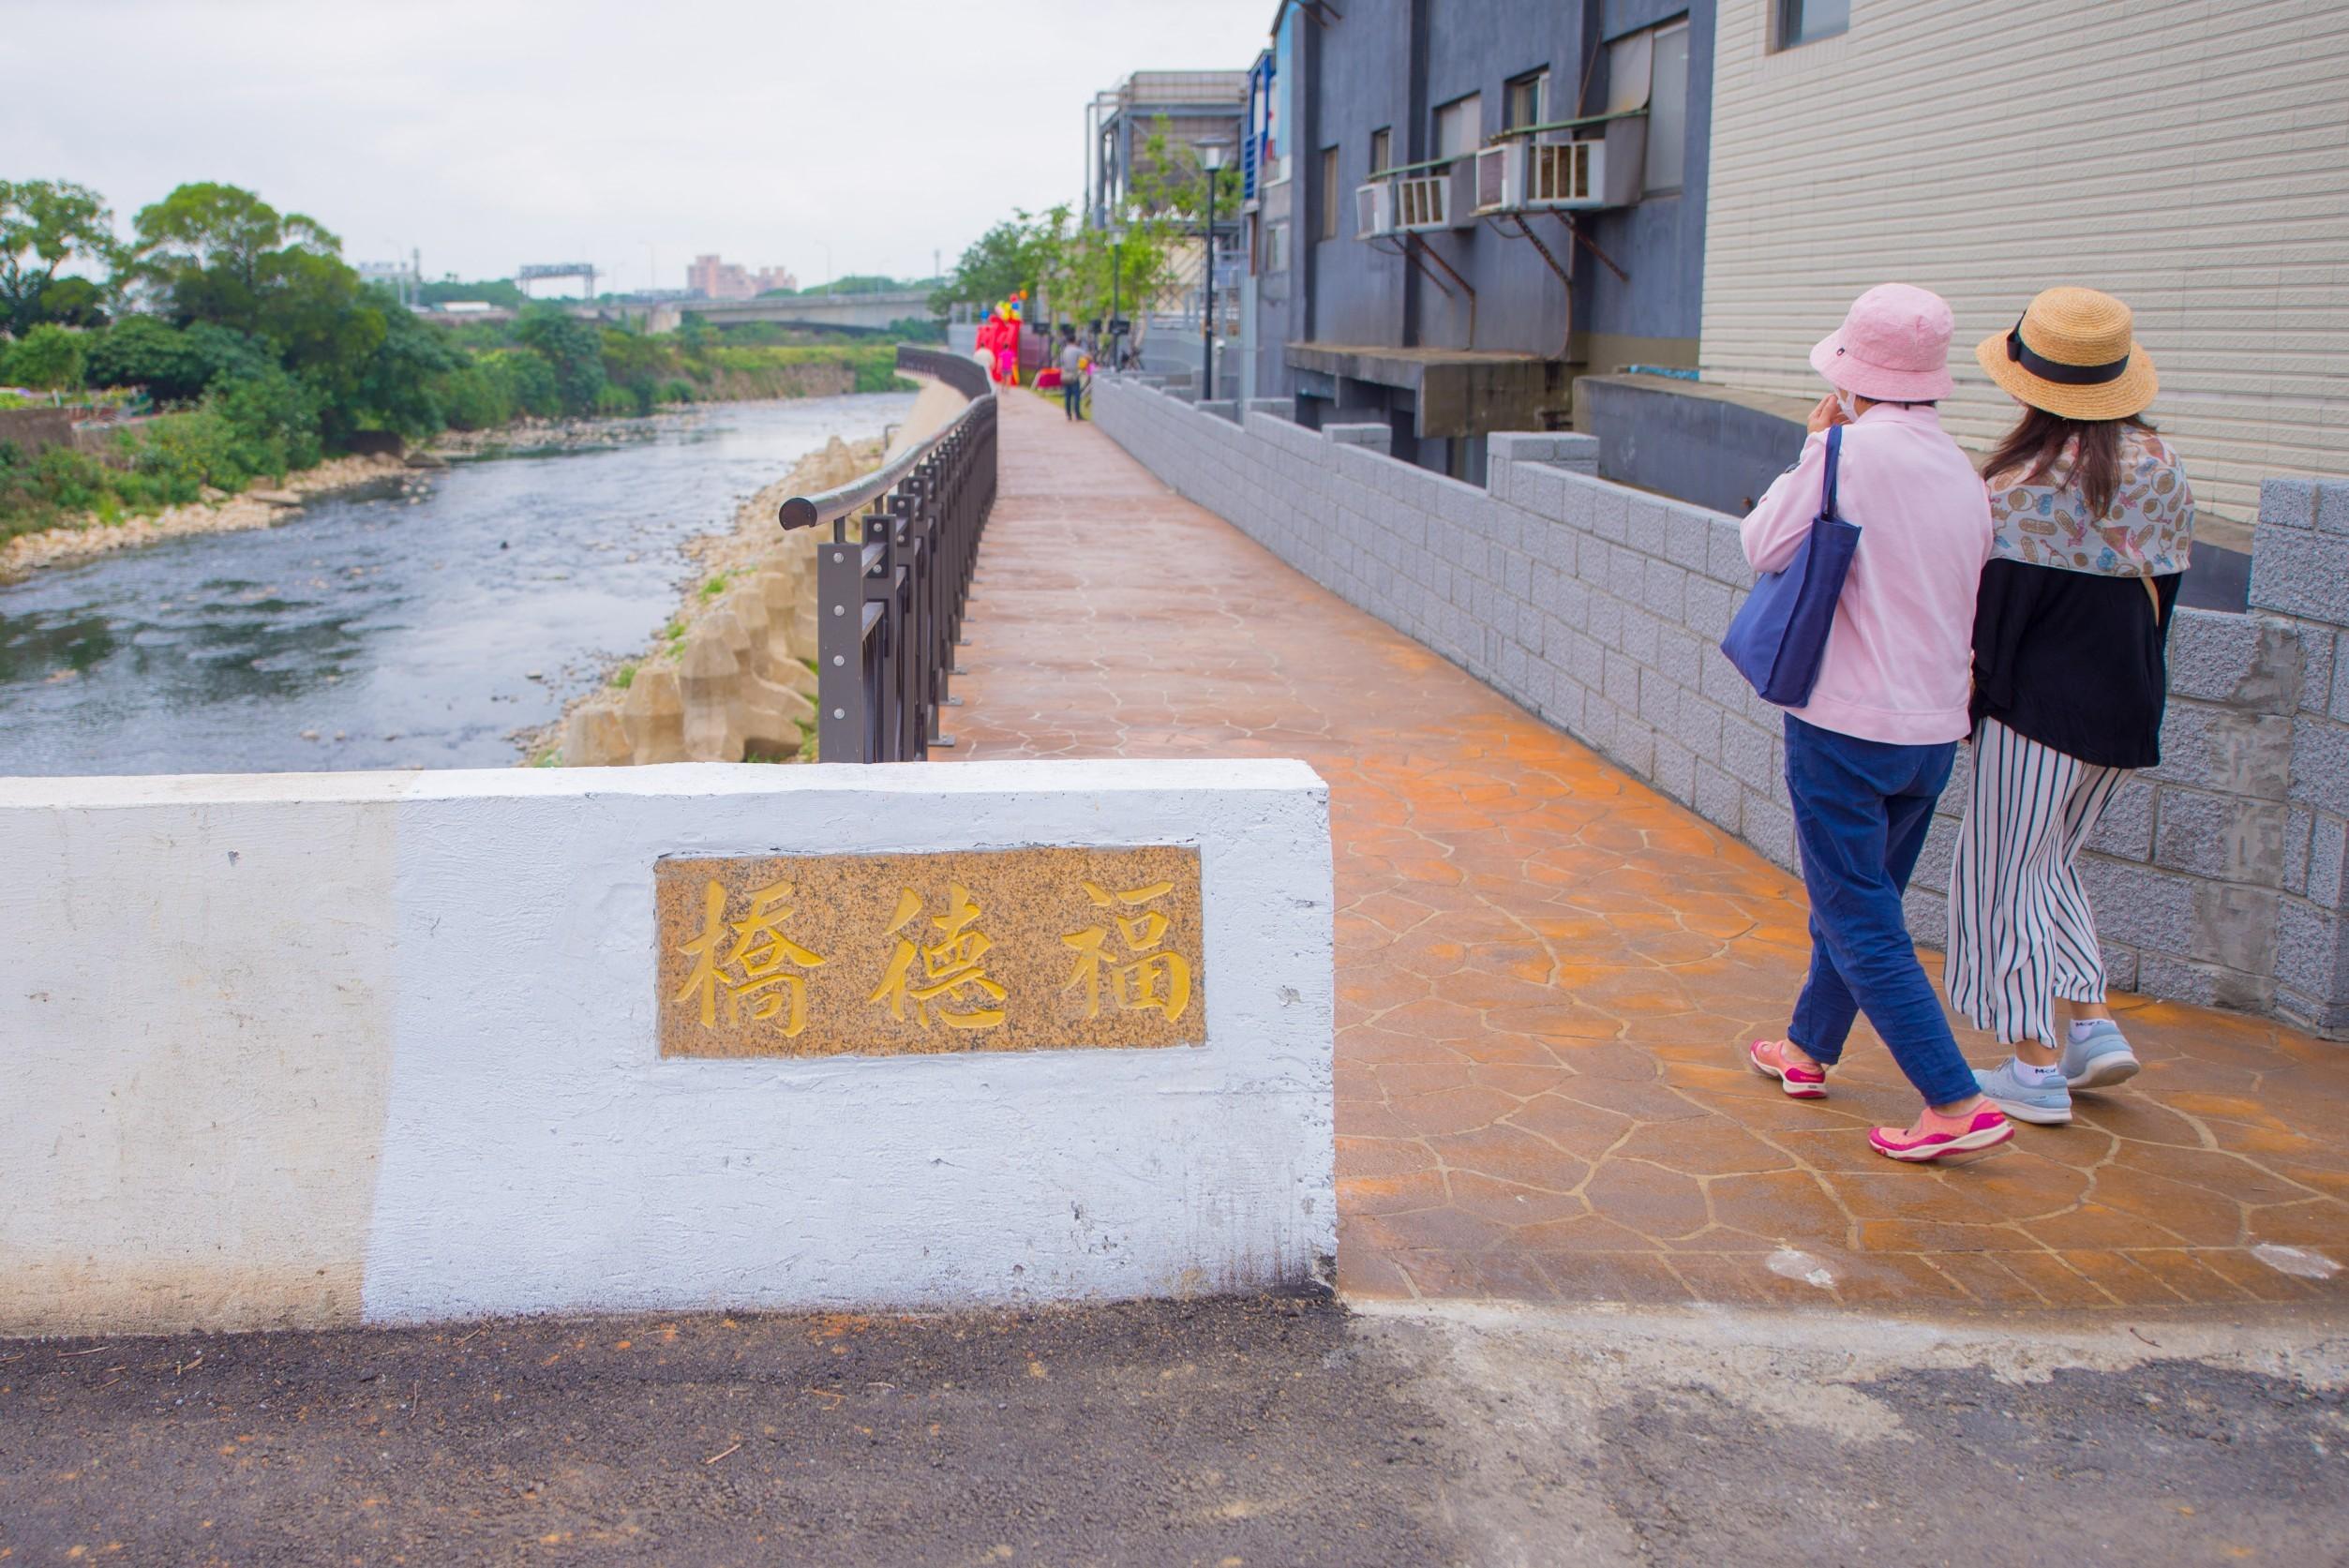 新街溪人行步道新建工程由福德橋延伸至下游水尾橋